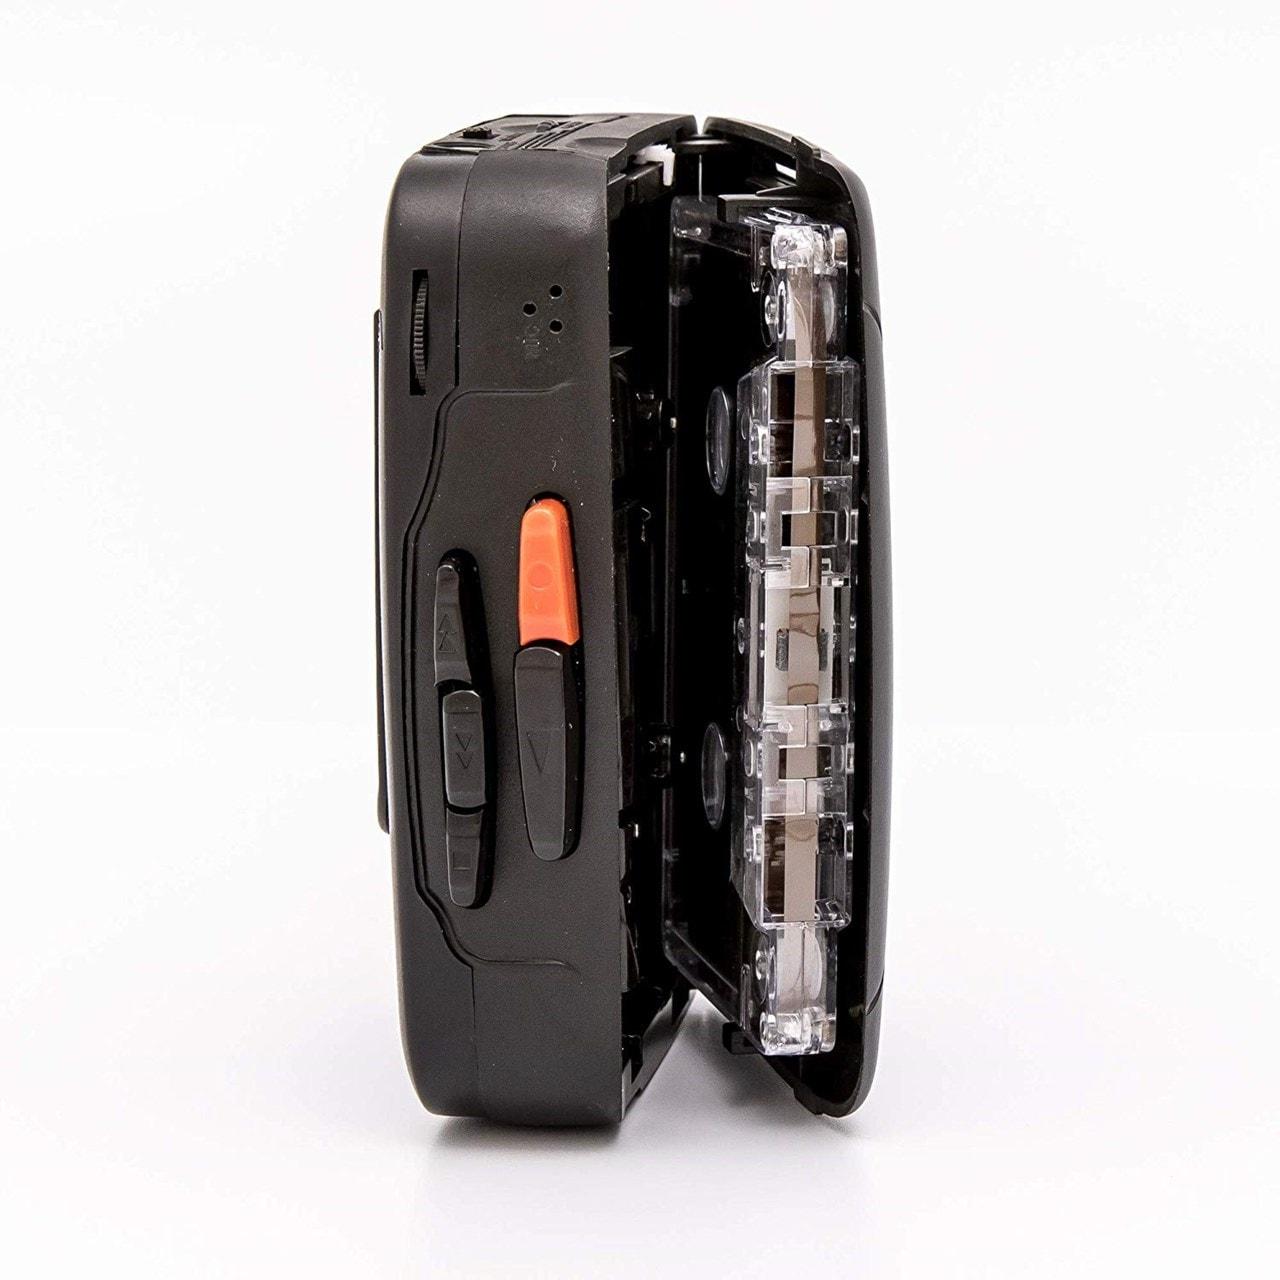 GPO Retro Black Portable Cassette Player - 4